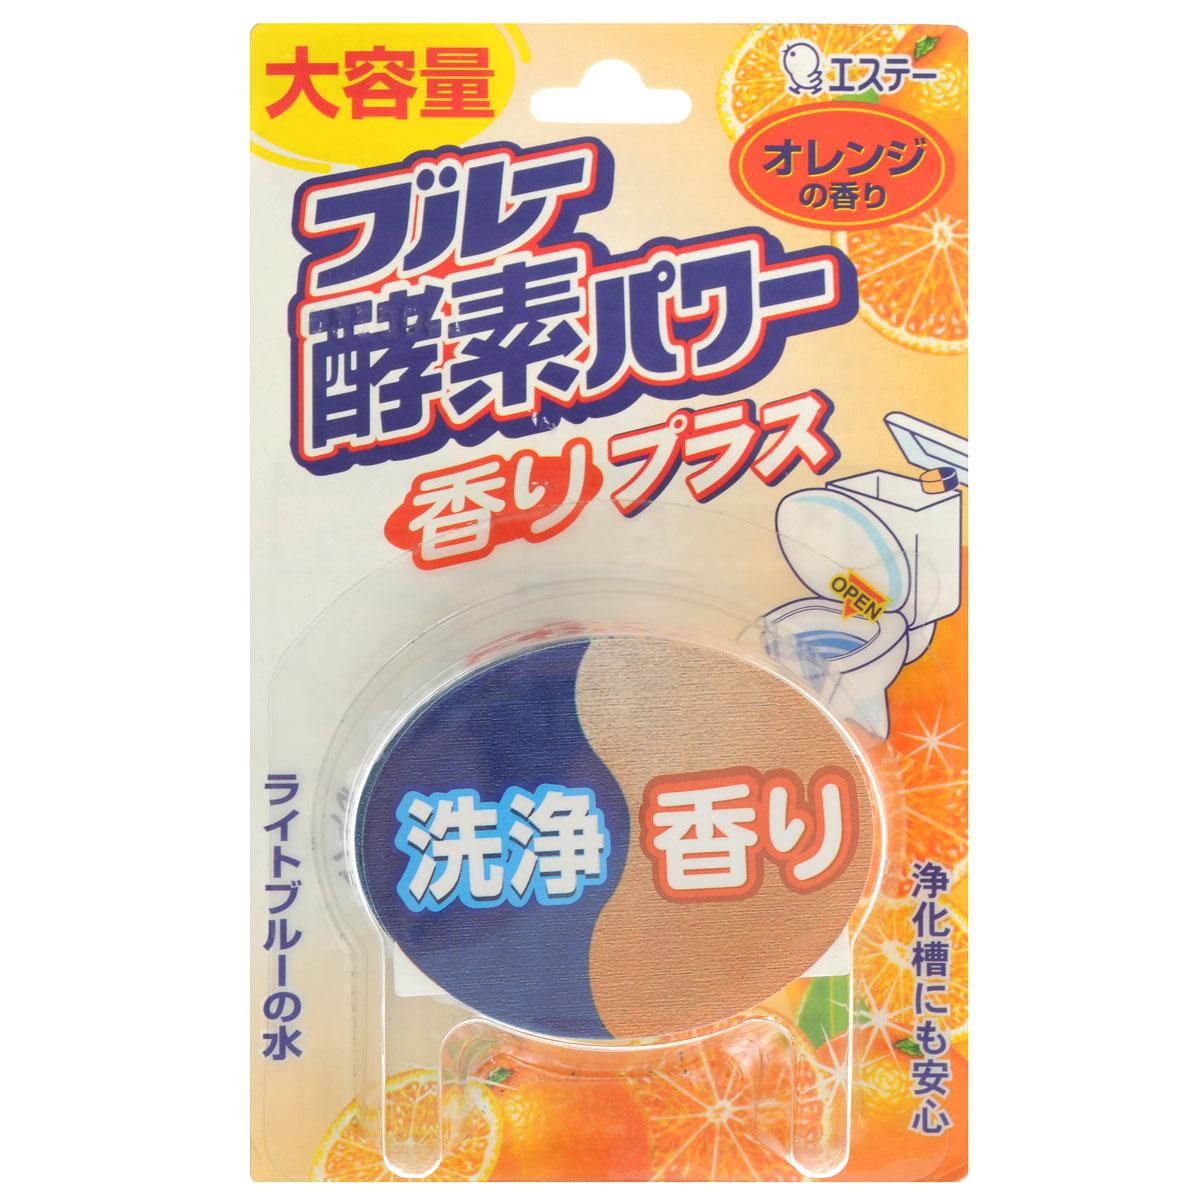 Таблетка очищающая ST Blue Enzyme Power для бачка унитаза, с ароматом апельсина, 120 г115426Ароматизирующая таблетка ST Blue Enzyme Power с ферментам, предназначена для очищения и дезинфекции унитаза. Таблетка для унитаза содержит энзимы, расщепляющие стойкие загрязнения. Таблетка создает ощущение чистоты и свежести, распространяя аромат апельсина и окрашивая воду в голубой цвет. Достаточно положить таблетку в сливной бачок и вода голубого цвета вымоет и продезинфицирует внутреннюю часть унитаза. В состав входит хелатный агент, который обволакивает взвесь грязи в воде, а также удаляет ржавчину и препятствует загрязнению внутренней поверхности унитаза. Большой объем продукта гарантирует длительное использование.Не кладите таблетку в центр бачка, чтобы избежать закупоривания. Не хранить в местах, доступных для детей. Хранить при комнатной температуре вдали от отопительных приборов и действия прямых солнечных лучей.Состав: отдушка, анионное поверхностно-активное вещество, краситель, хелатный агент, энзимы, отбеливатель.Товар сертифицирован. Как выбрать качественную бытовую химию, безопасную для природы и людей. Статья OZON Гид